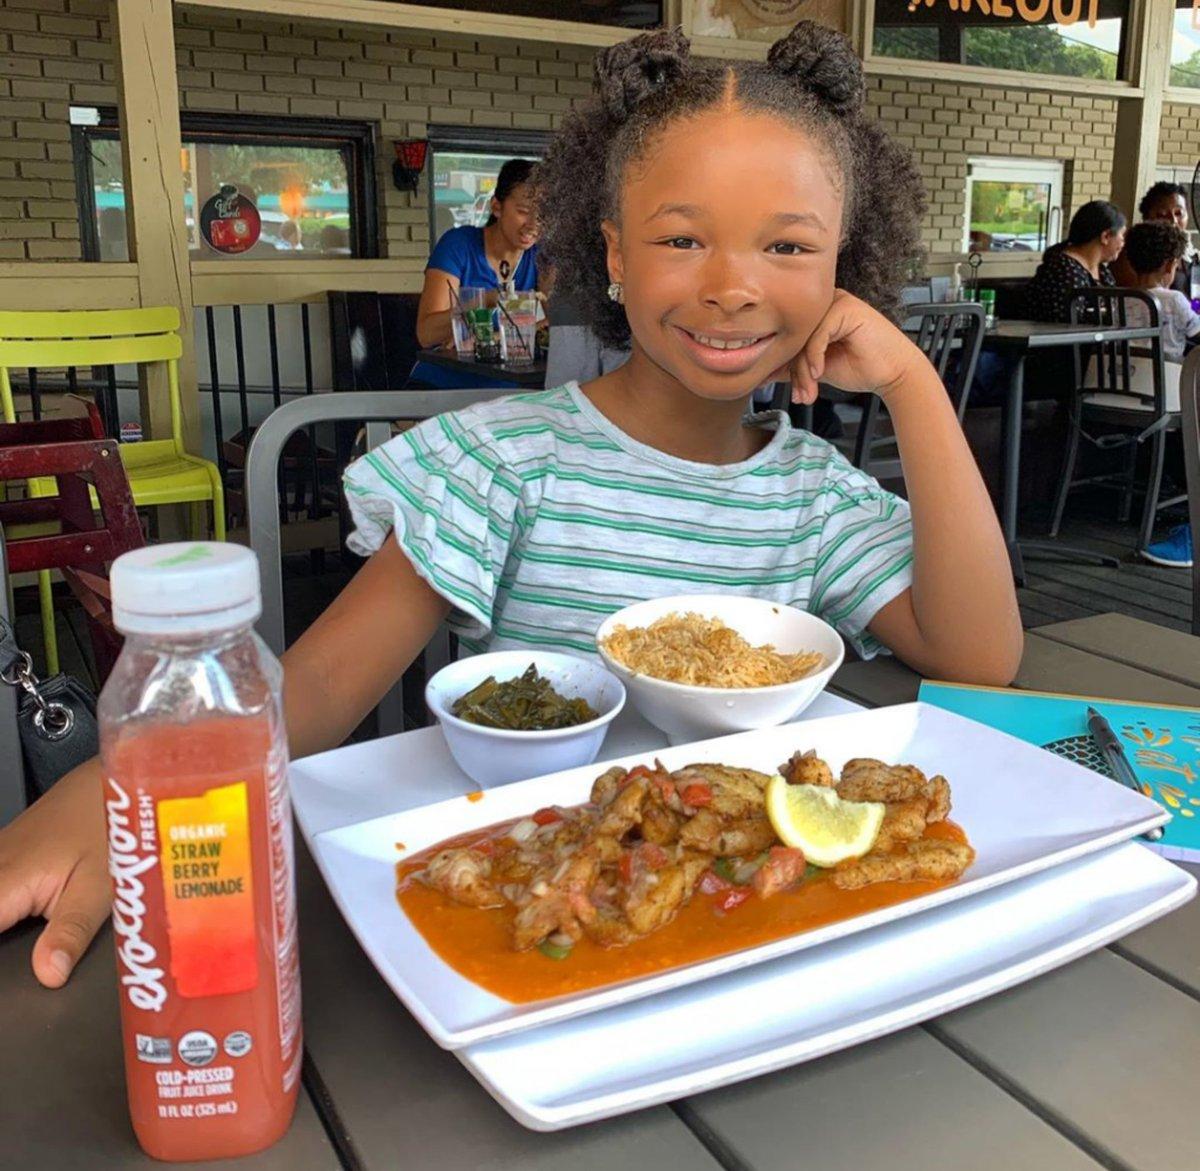 Desta Ethiopian On Twitter Come To Desta For The Best Ethiopian Food Around Putting Smiles On Faces Since 2006 Ethiopianfood Ethiopianfoodisamazing Atlfoodies Atlantaeats Yummy Eatmoreethiopianfood Https T Co Twpvkgumei